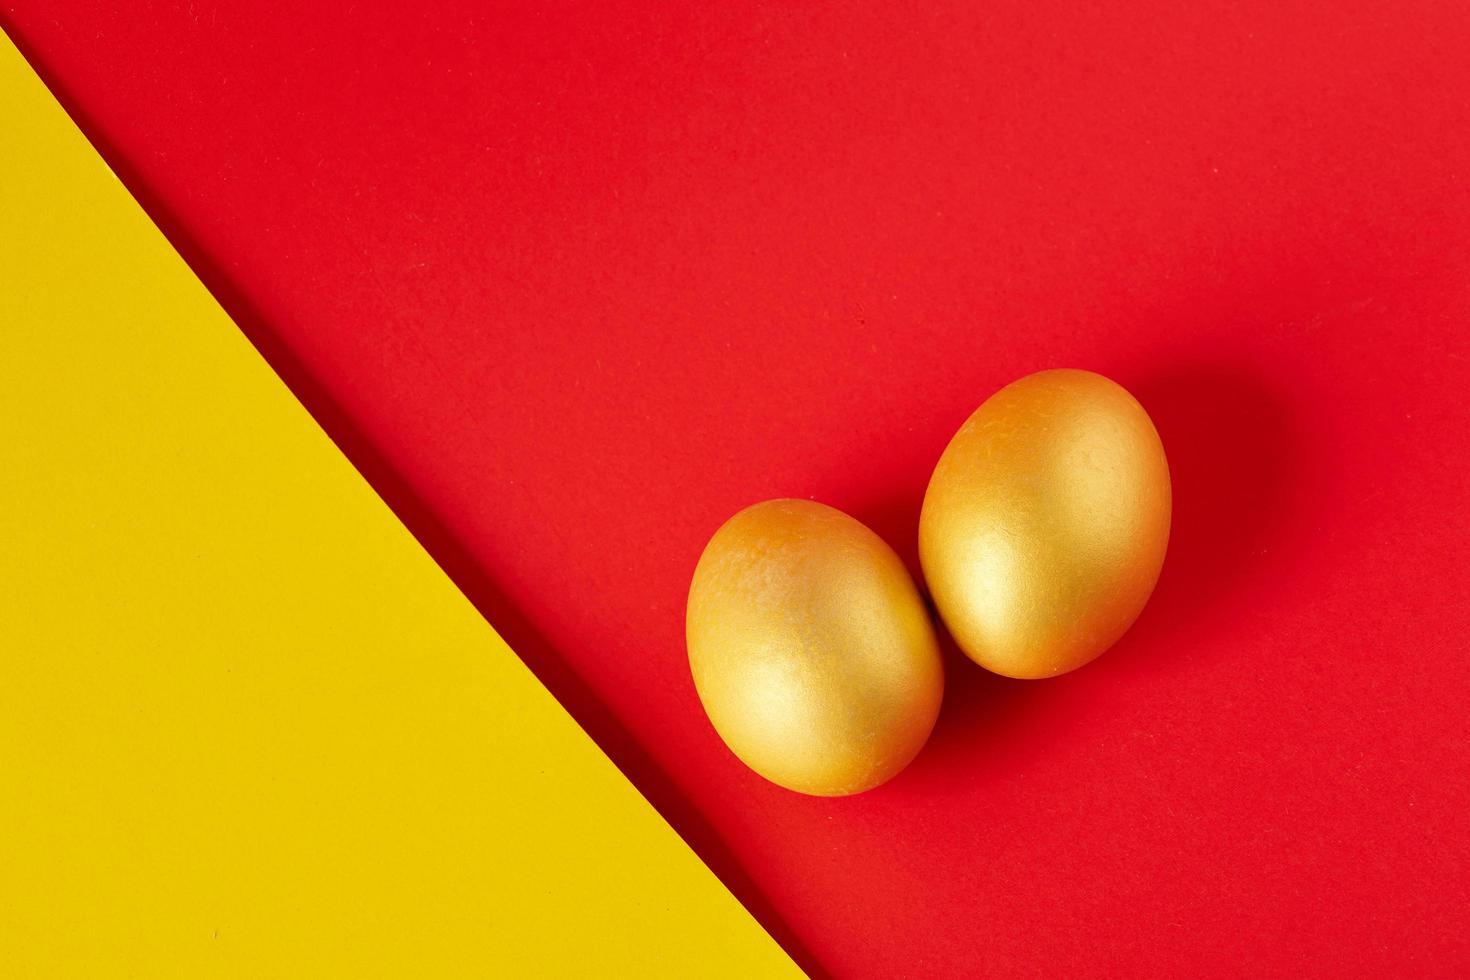 oeufs sur fond jaune et rouge photo